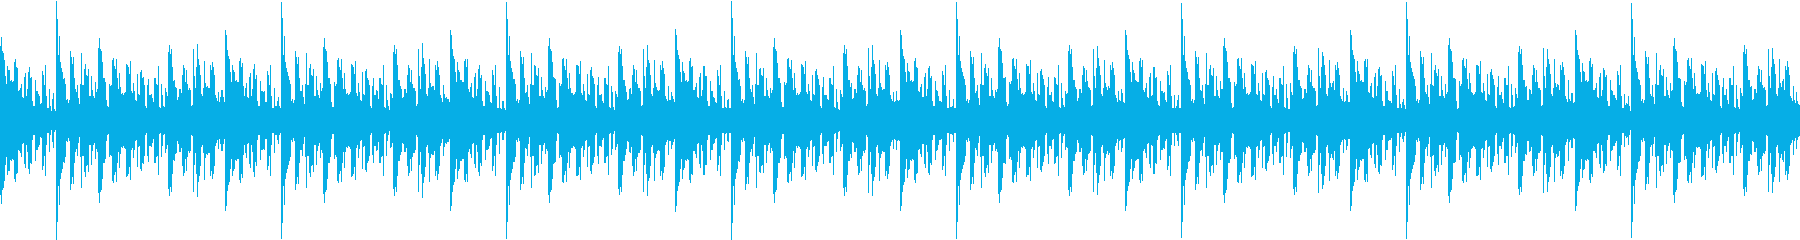 リラックスしたエレピサウンドの再生済みの波形